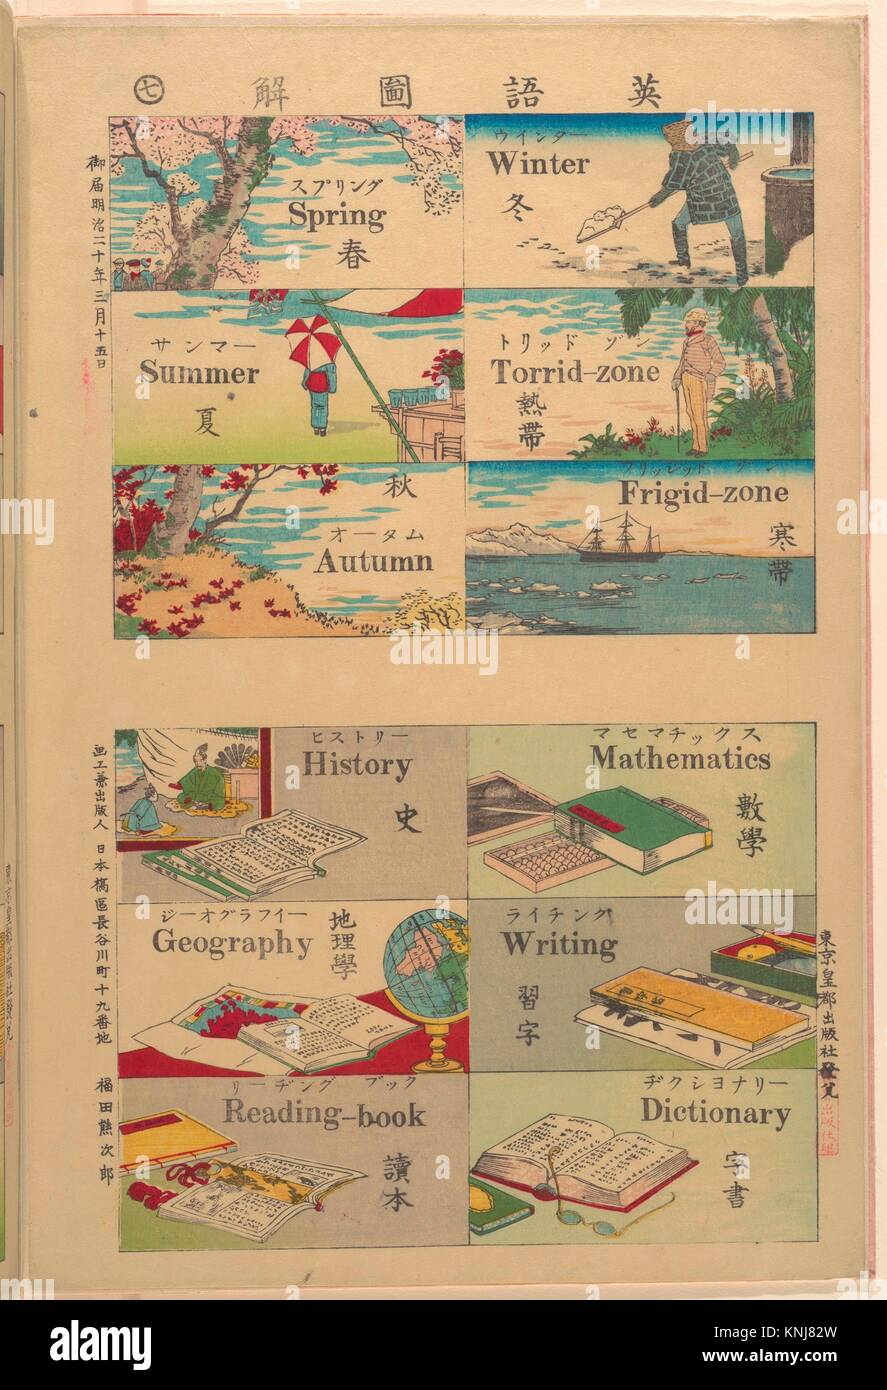 Dictionnaire Illustré. Artiste: l'Artiste non identifié; période: période Photo Stock